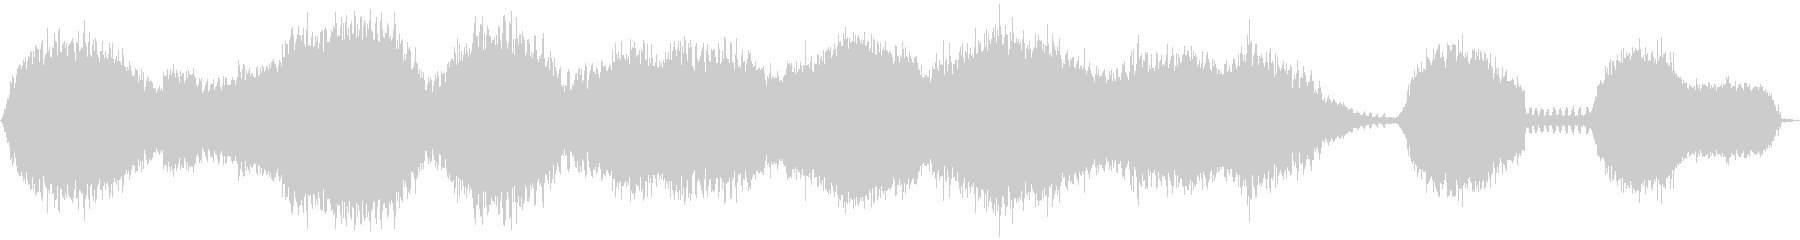 複数匹のハルゼミの鳴き声の未再生の波形